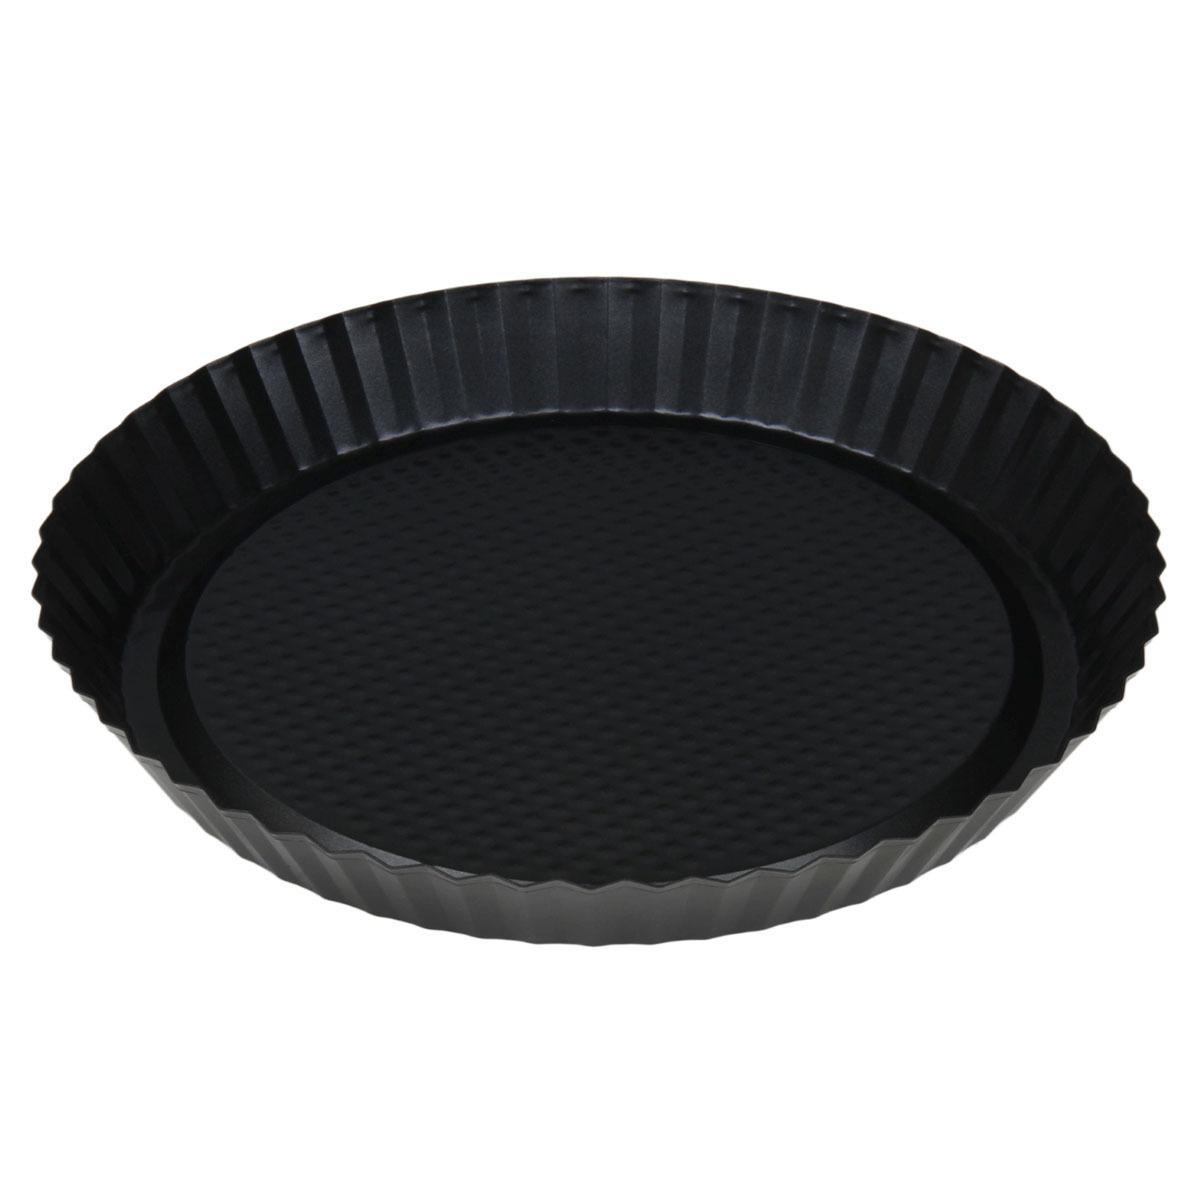 Форма для выпечки Доляна Жаклин Рифленый круг, 827544, с антипригарным покрытием, 27 х 3,5 см форма для выпечки жаклин круг 2803204 с антипригарным покрытием 28 ячеек 40 7 х 28 5 х 3 см